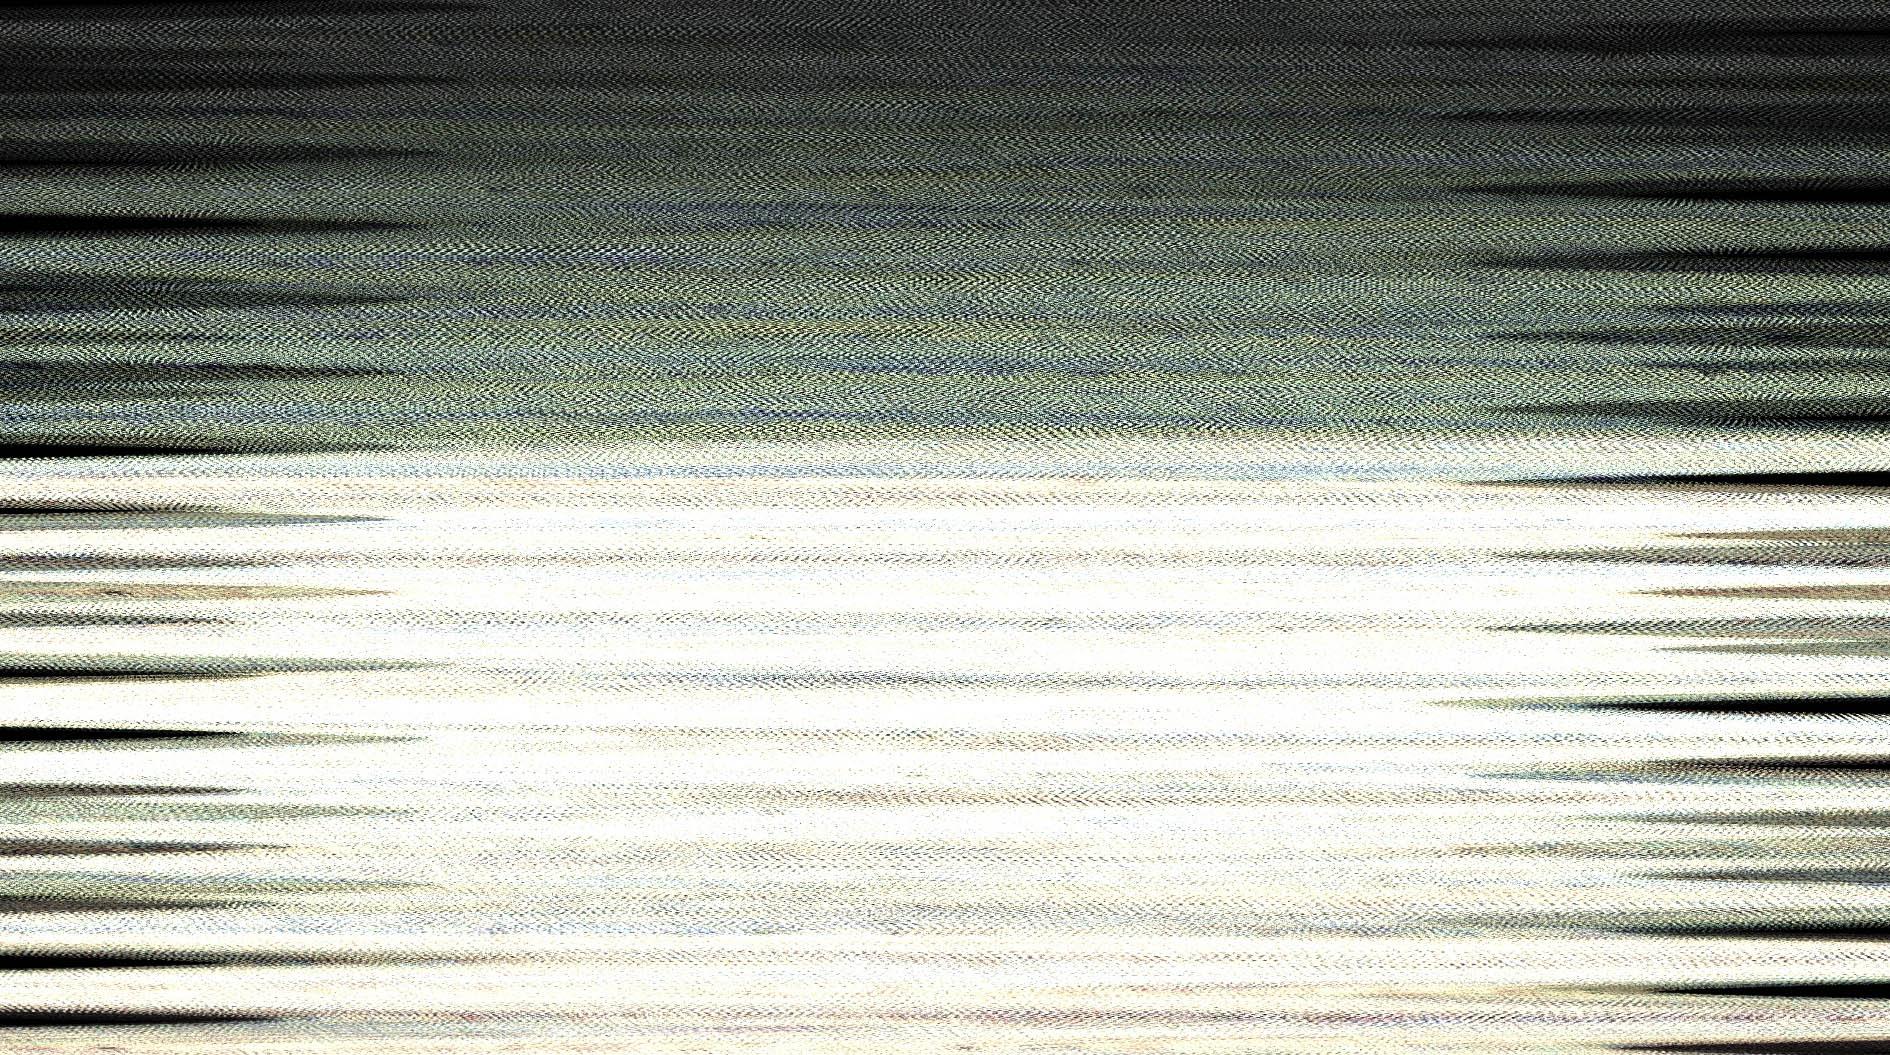 信号干扰屏幕叠加雪花噪点视频前景叠加效果